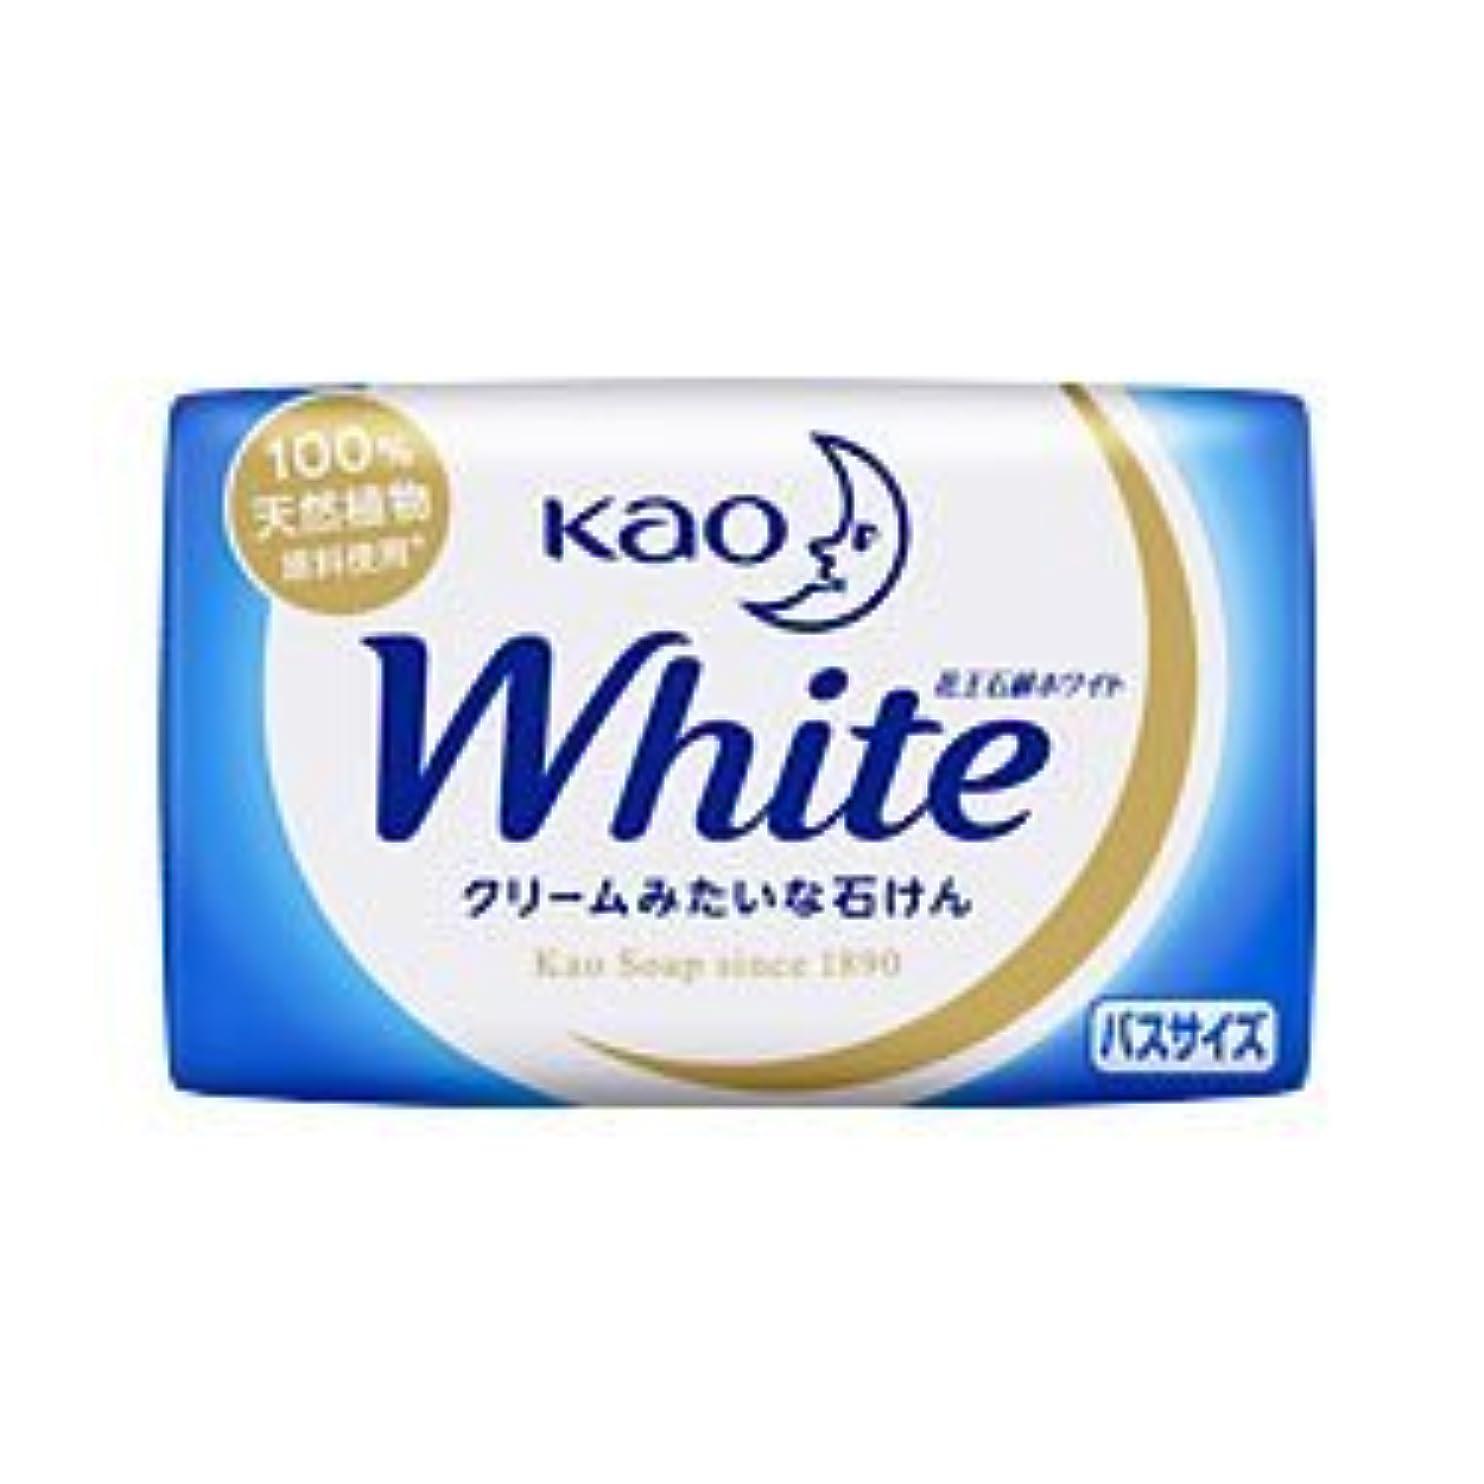 毒性シビック例外【花王】花王ホワイト バスサイズ 1個 130g ×10個セット